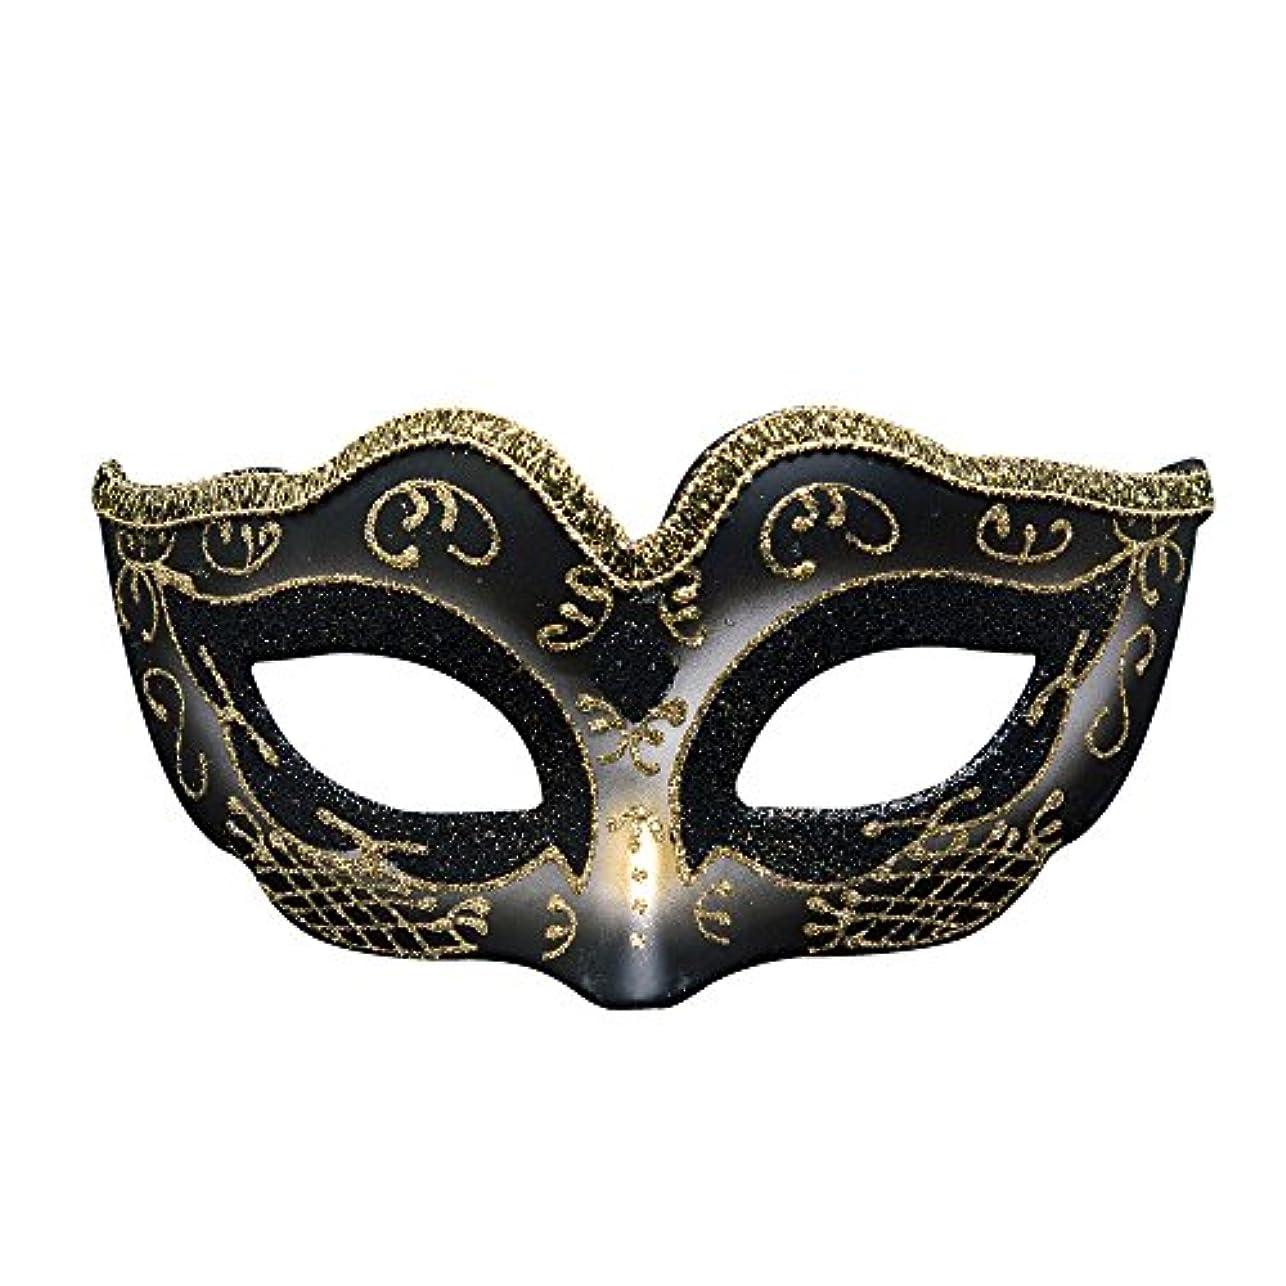 スキッパー赤区画クリエイティブカスタム子供のなりすましパーティーハロウィーンマスククリスマス雰囲気マスク (Color : E)